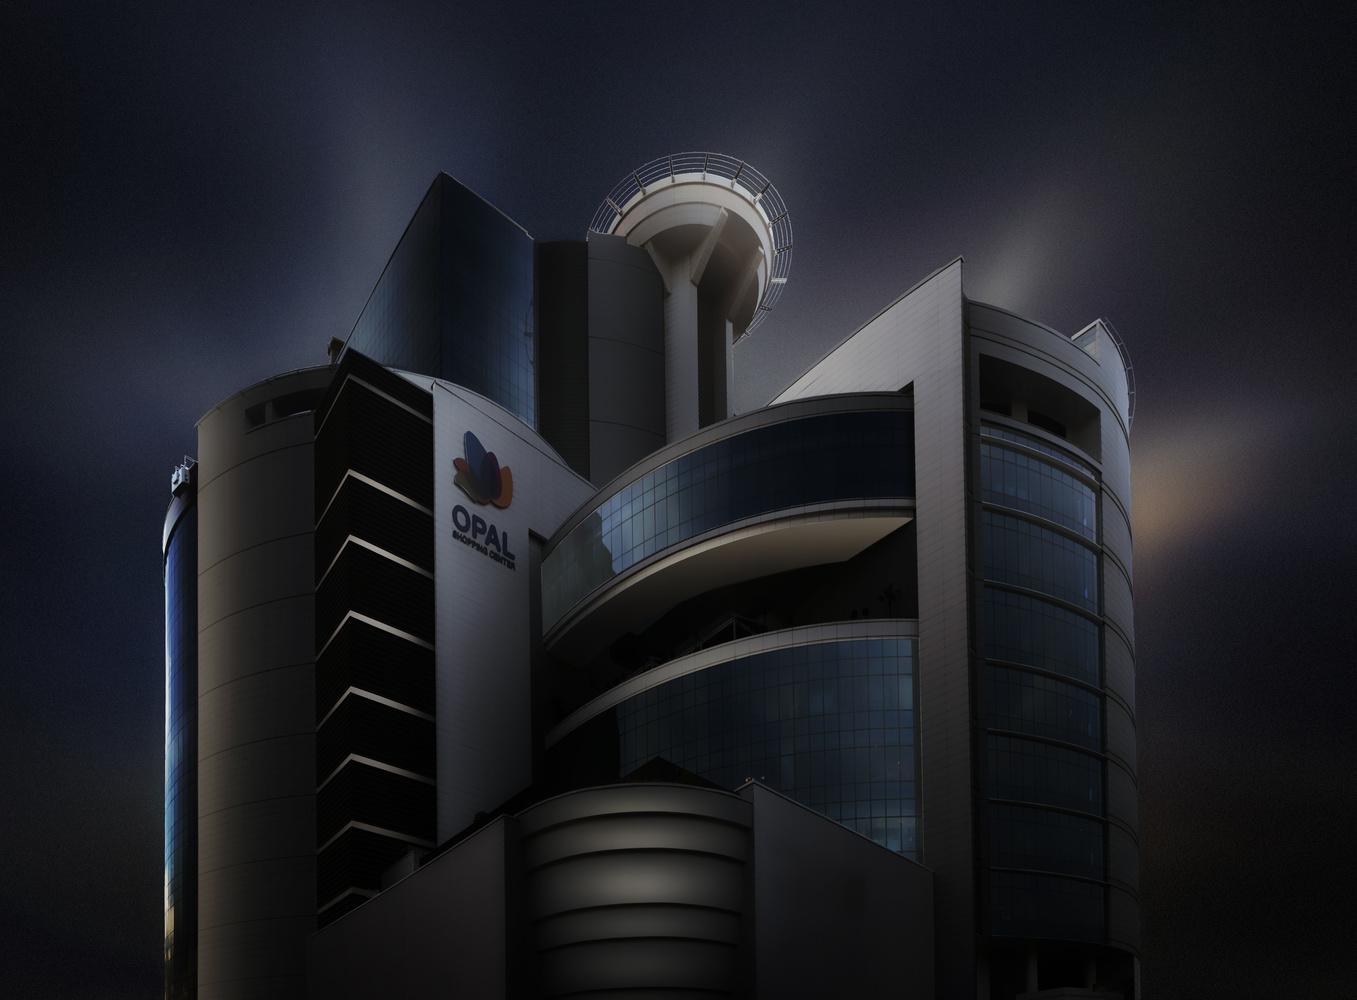 opall mall by Amirhossein Naghian